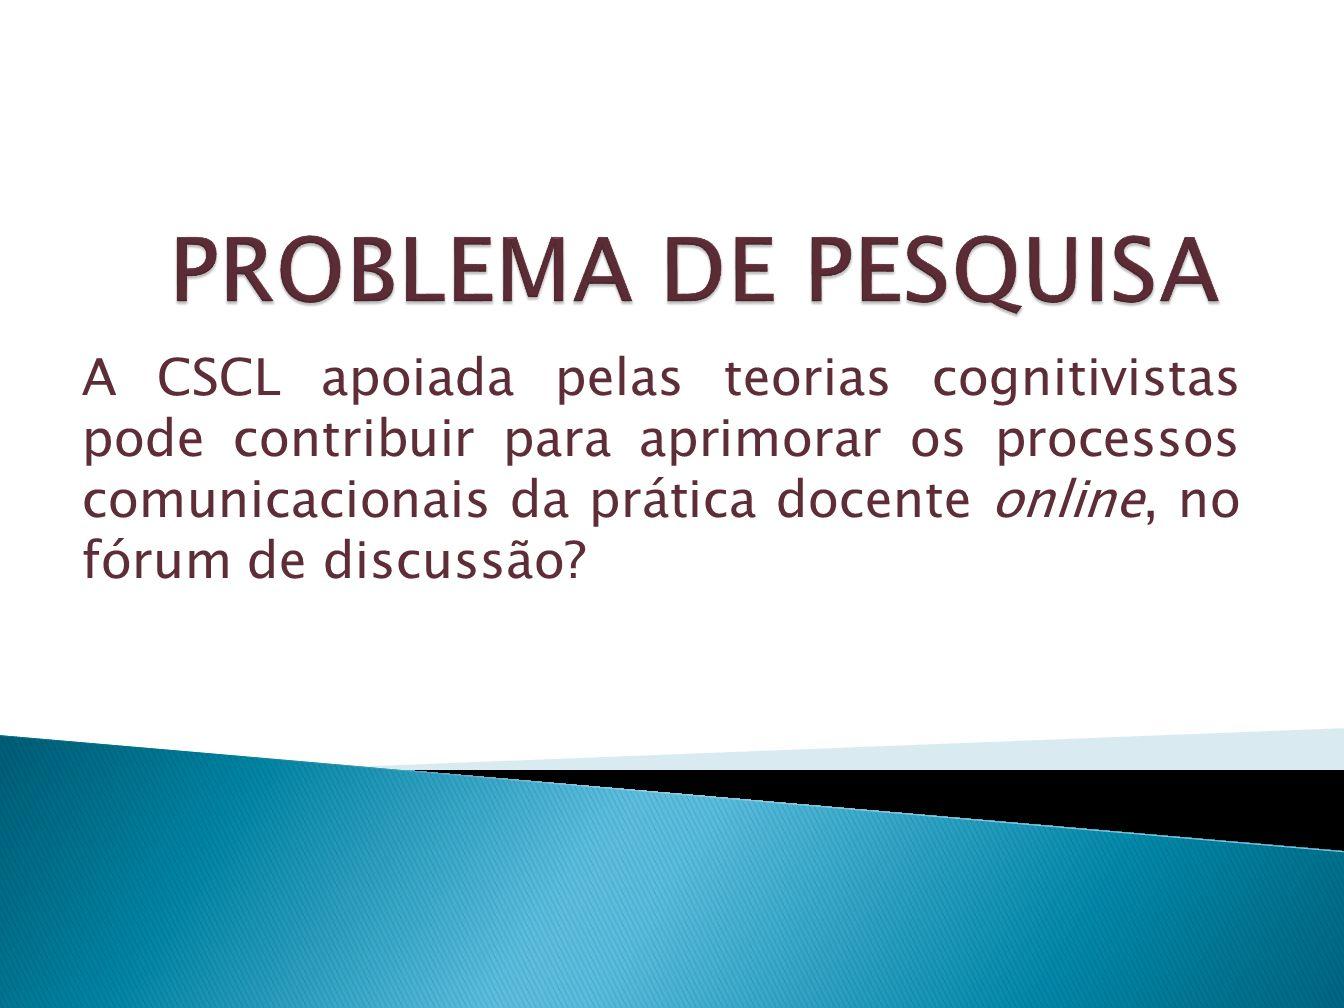 A CSCL apoiada pelas teorias cognitivistas pode contribuir para aprimorar os processos comunicacionais da prática docente online, no fórum de discussã